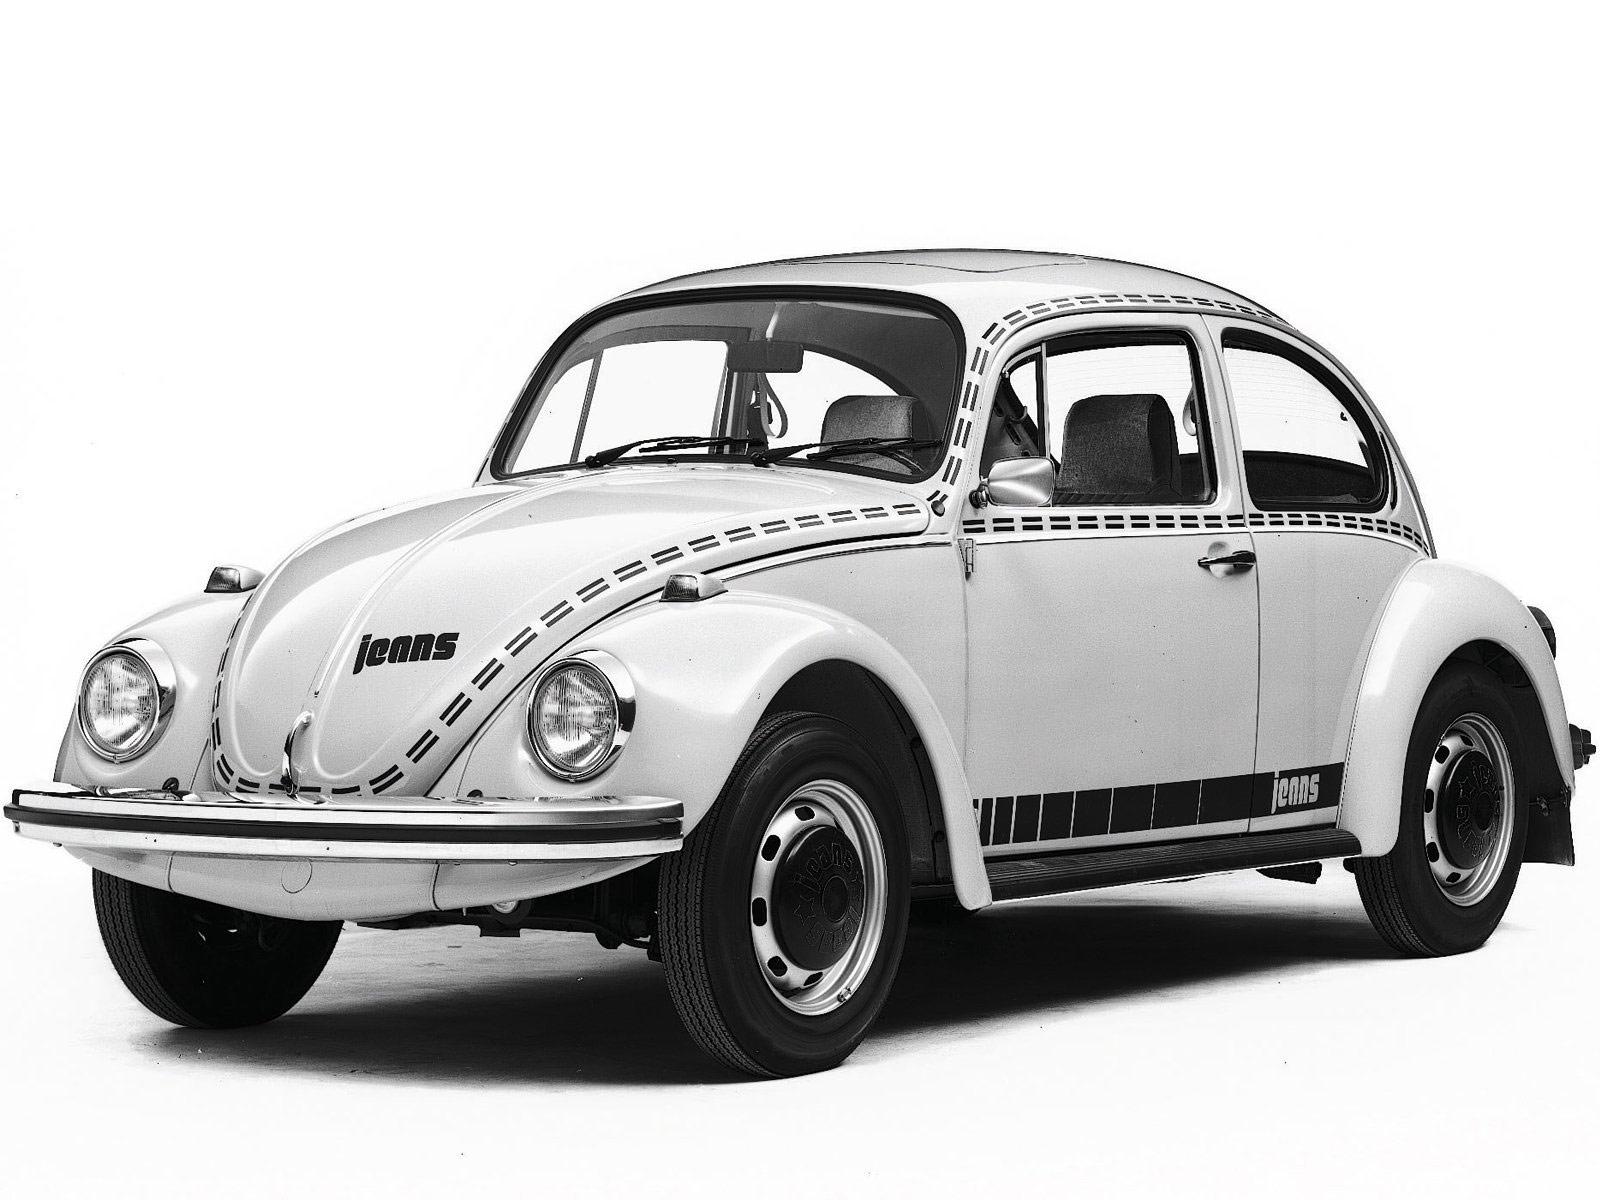 vw beetle volkswagen car desktop wallpaper